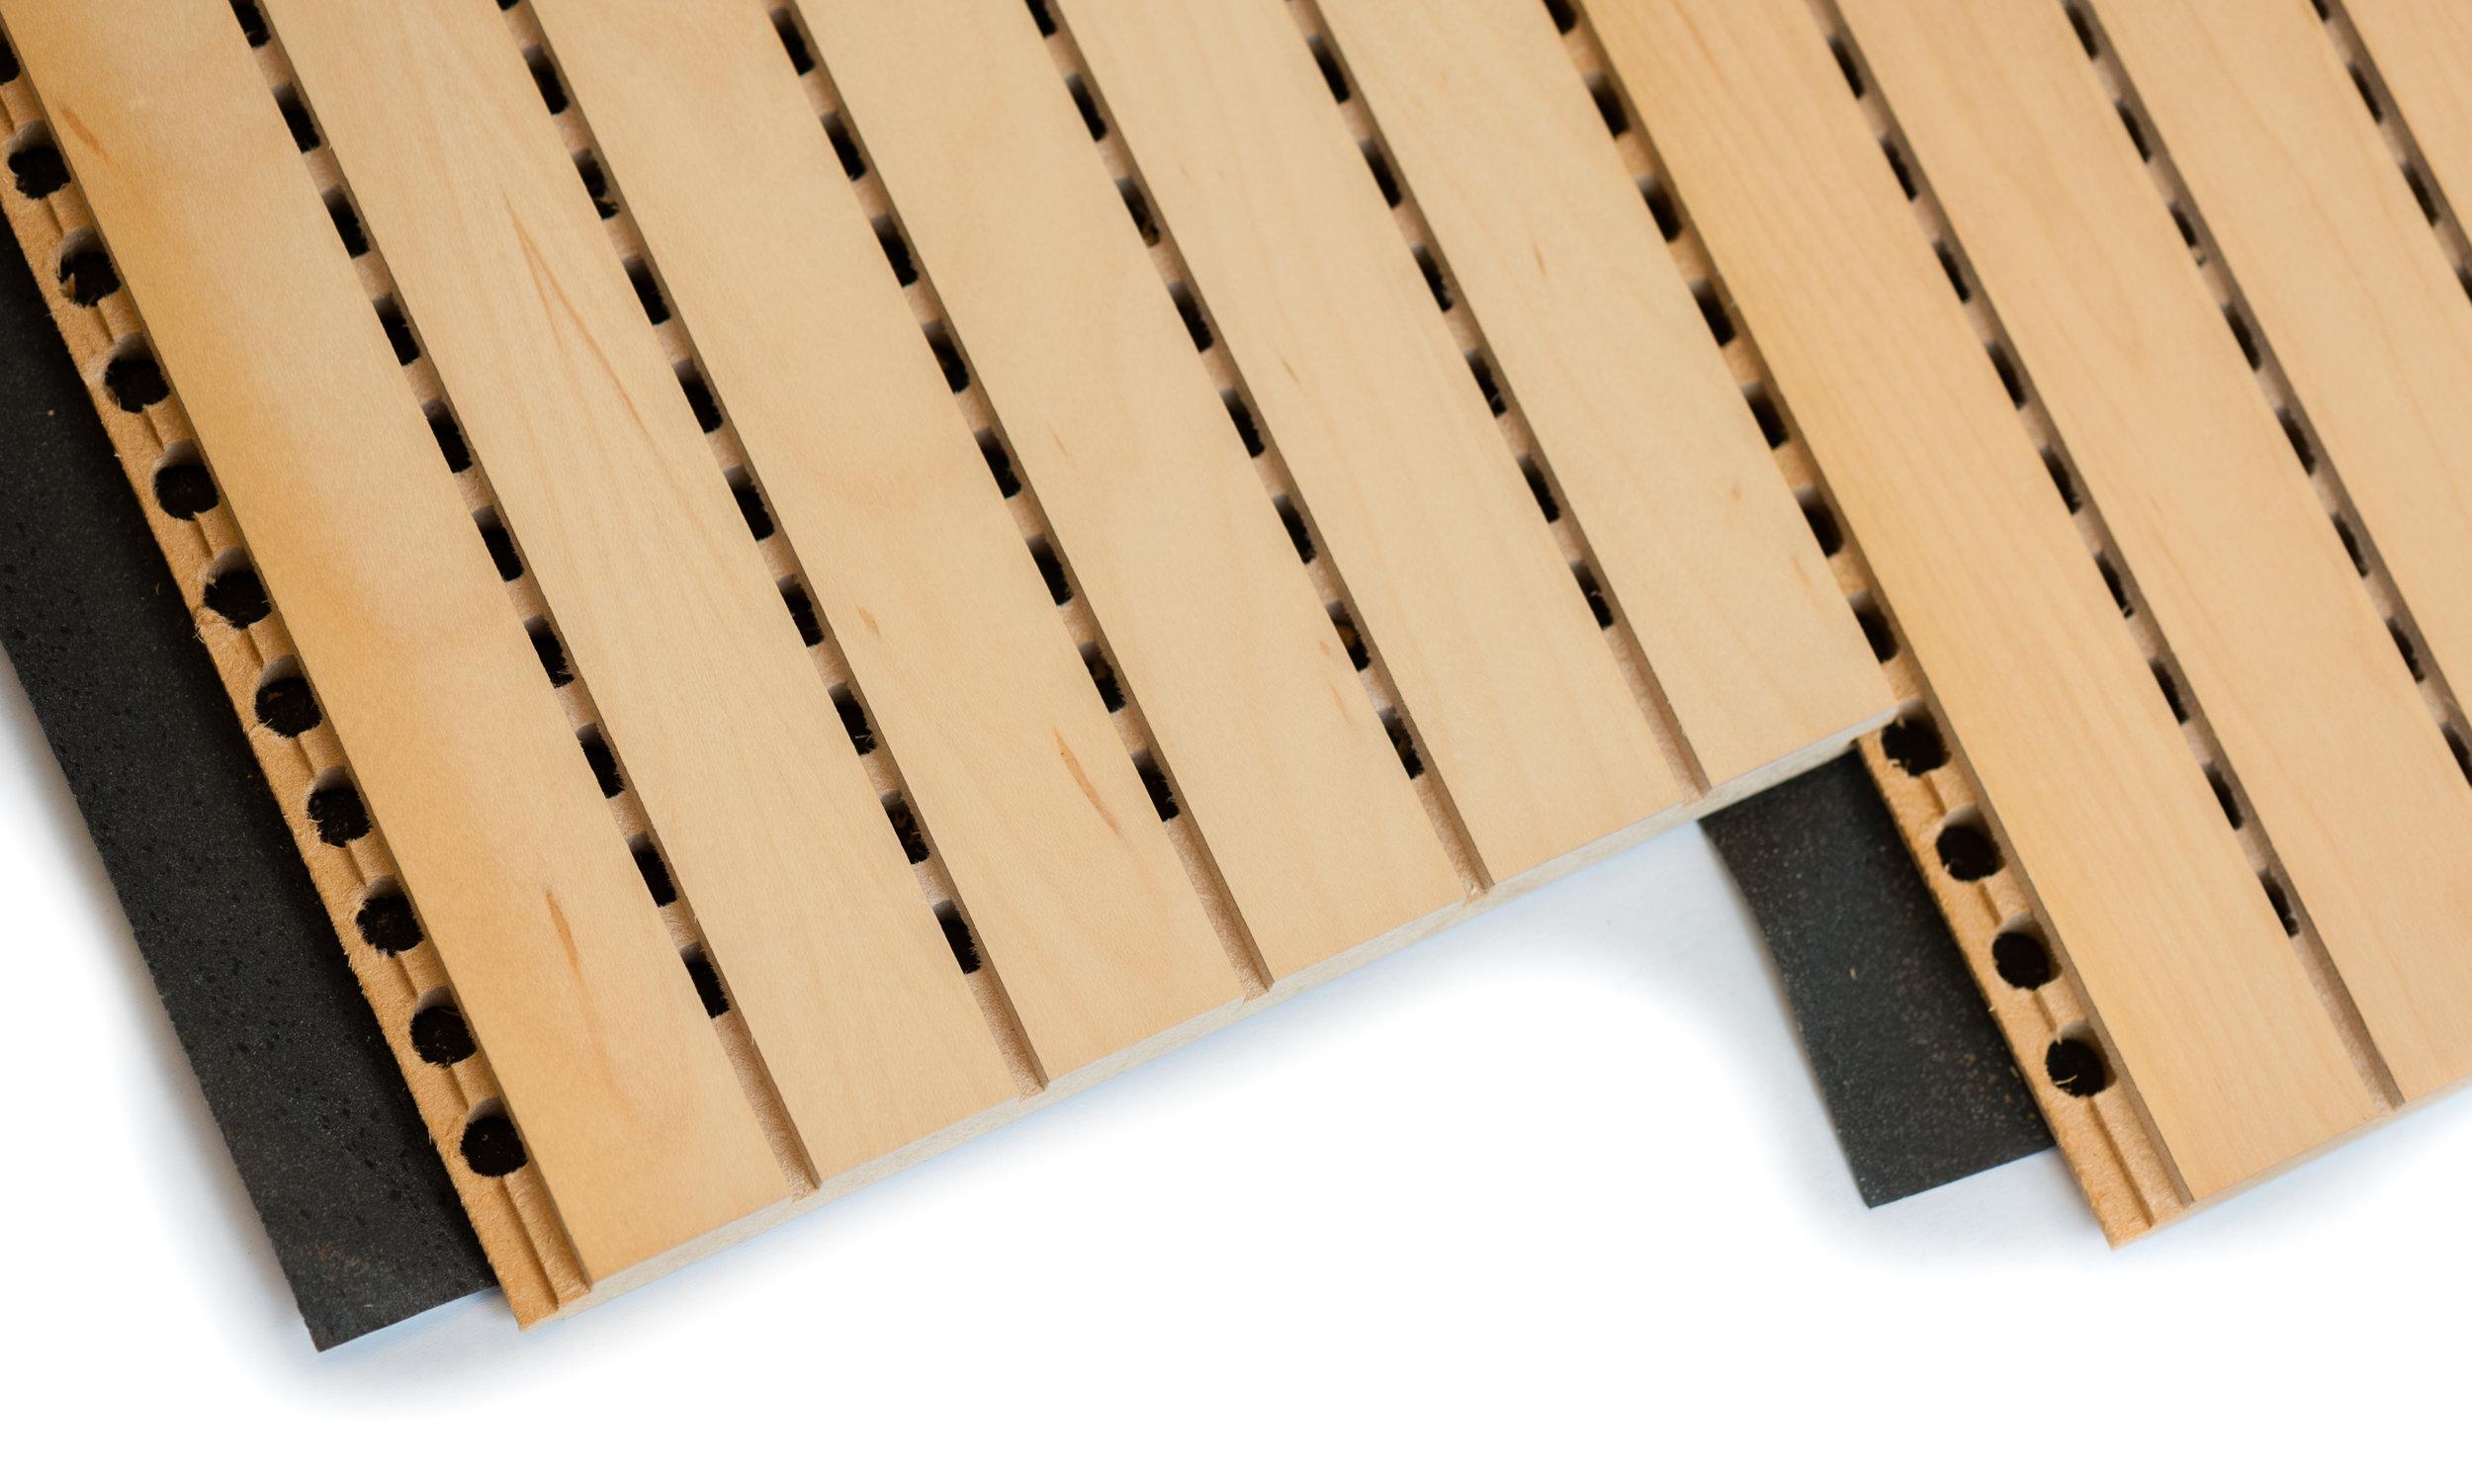 Gesleufd MDF - De variant van gesleufde panelen met daar achter het gaatjespatroon maken wij op klantspecificatie. De stroken hebben een werkende breedte van 192 mm.